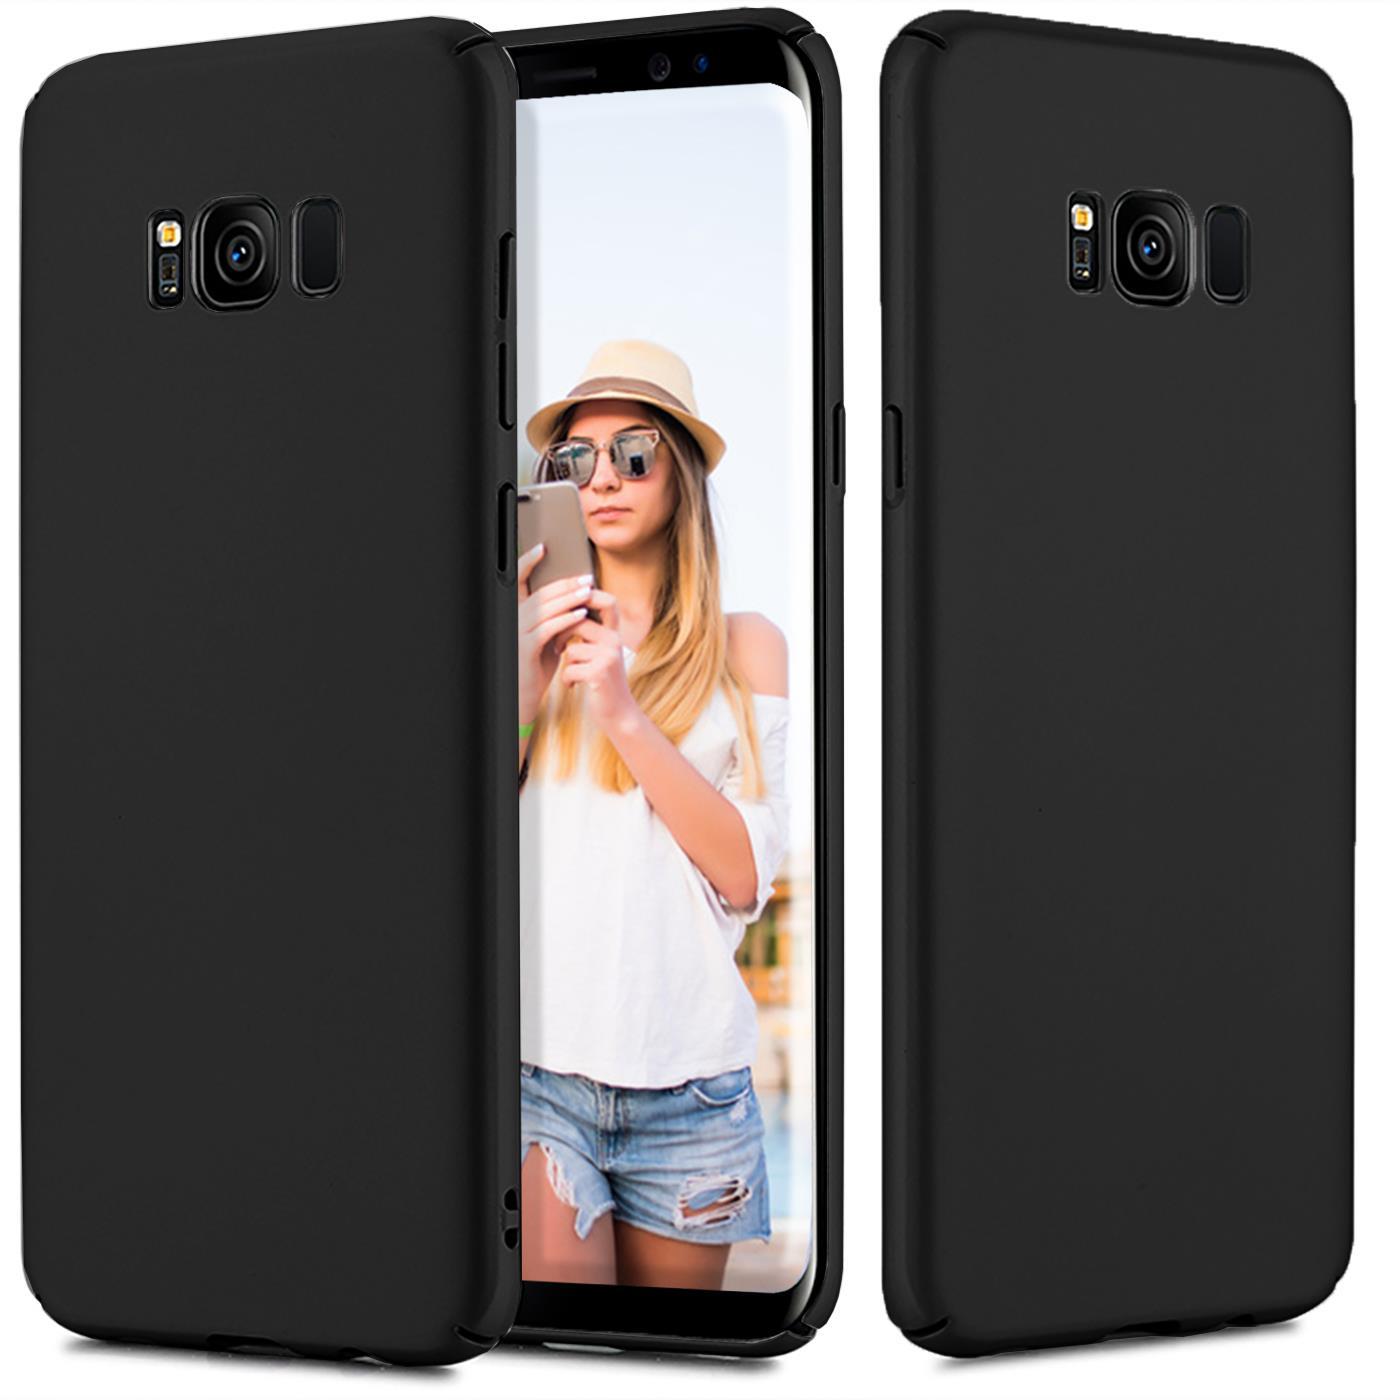 Handy-Case-Samsung-Galaxy-Huelle-Hardcase-Schutz-Cover-Slim-Tasche-Handyhuelle Indexbild 9